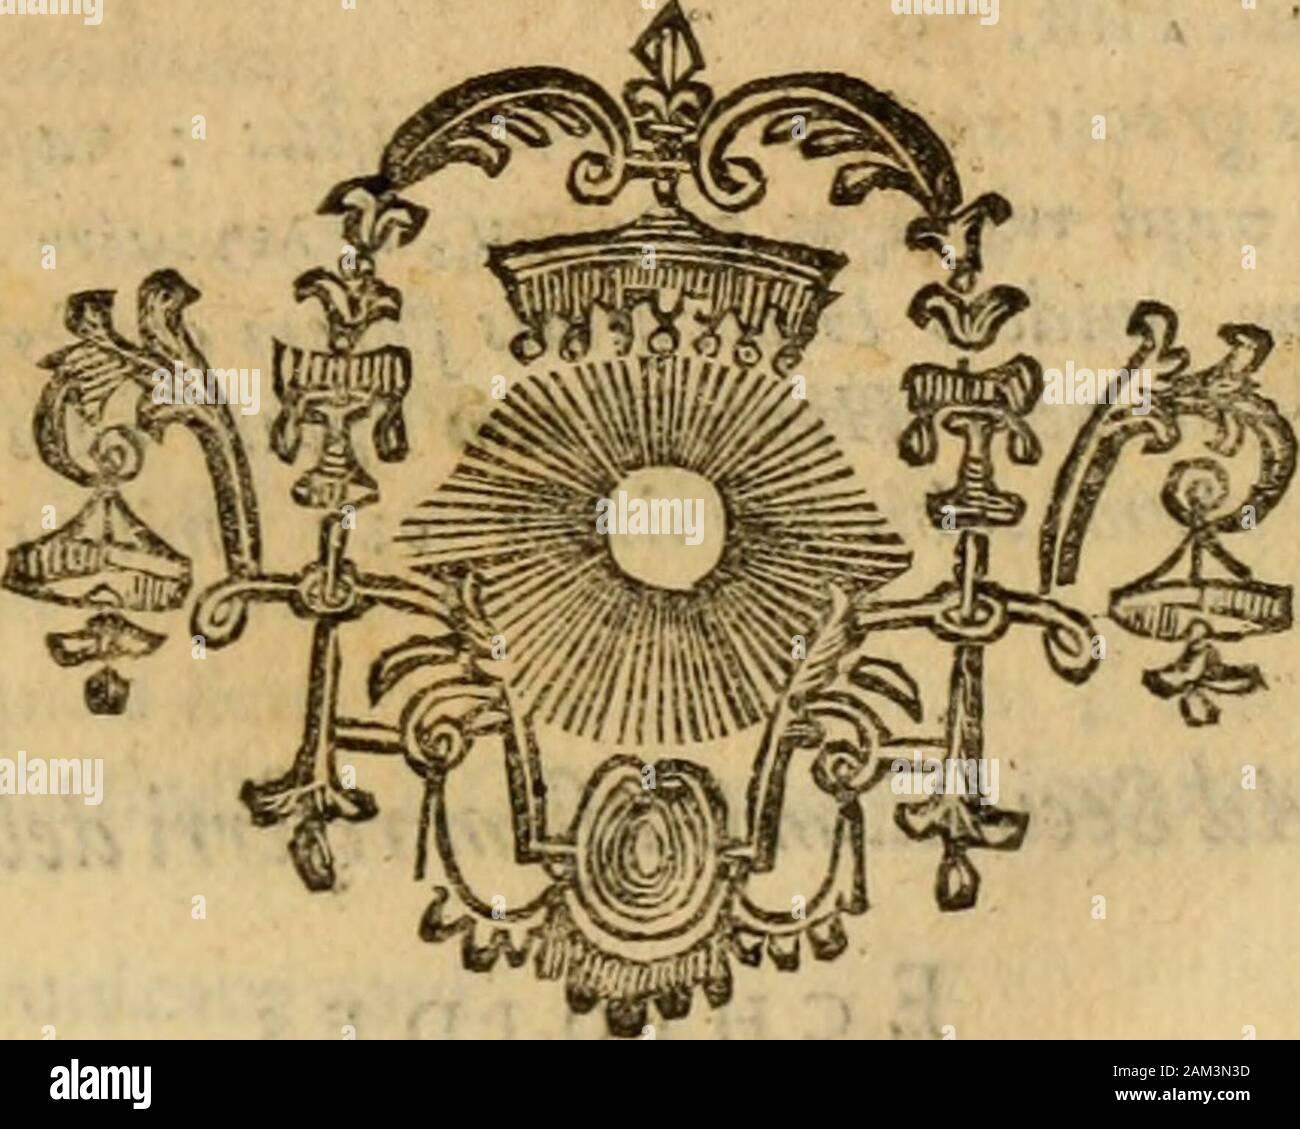 Josephi Pitton Tournefort Aquisextiensis, doctoris medici Parisiensis ..Institutiones rei herbariae . feqiiens.Smilax Oriencalis/armentis aculeatis,excclias aiborcs icaudentibus/oliis nonIpinolîs. Pitg. 655. Rîtlnoidls fpeclehis addeiîdttfe^juefites.Rjcinoldcs ex qua paratur Touinefol Galloriim , folio oblongo dc villolo.K.icinoides ex qua paratur Tournefol Gallorum, folio oblongo, ferrato ,noiivillofo. Pag. ôj6. EchhophomfpeciehusaddefidiCfeqHentes,Echinopliora Orientalîs, moncana rpinofa.Echinophora Orientalis, procerior, fruélii foliato. Pag ôjé. NîjfolU fpeciebus addenda feque/is,NilTolia Stock Photo